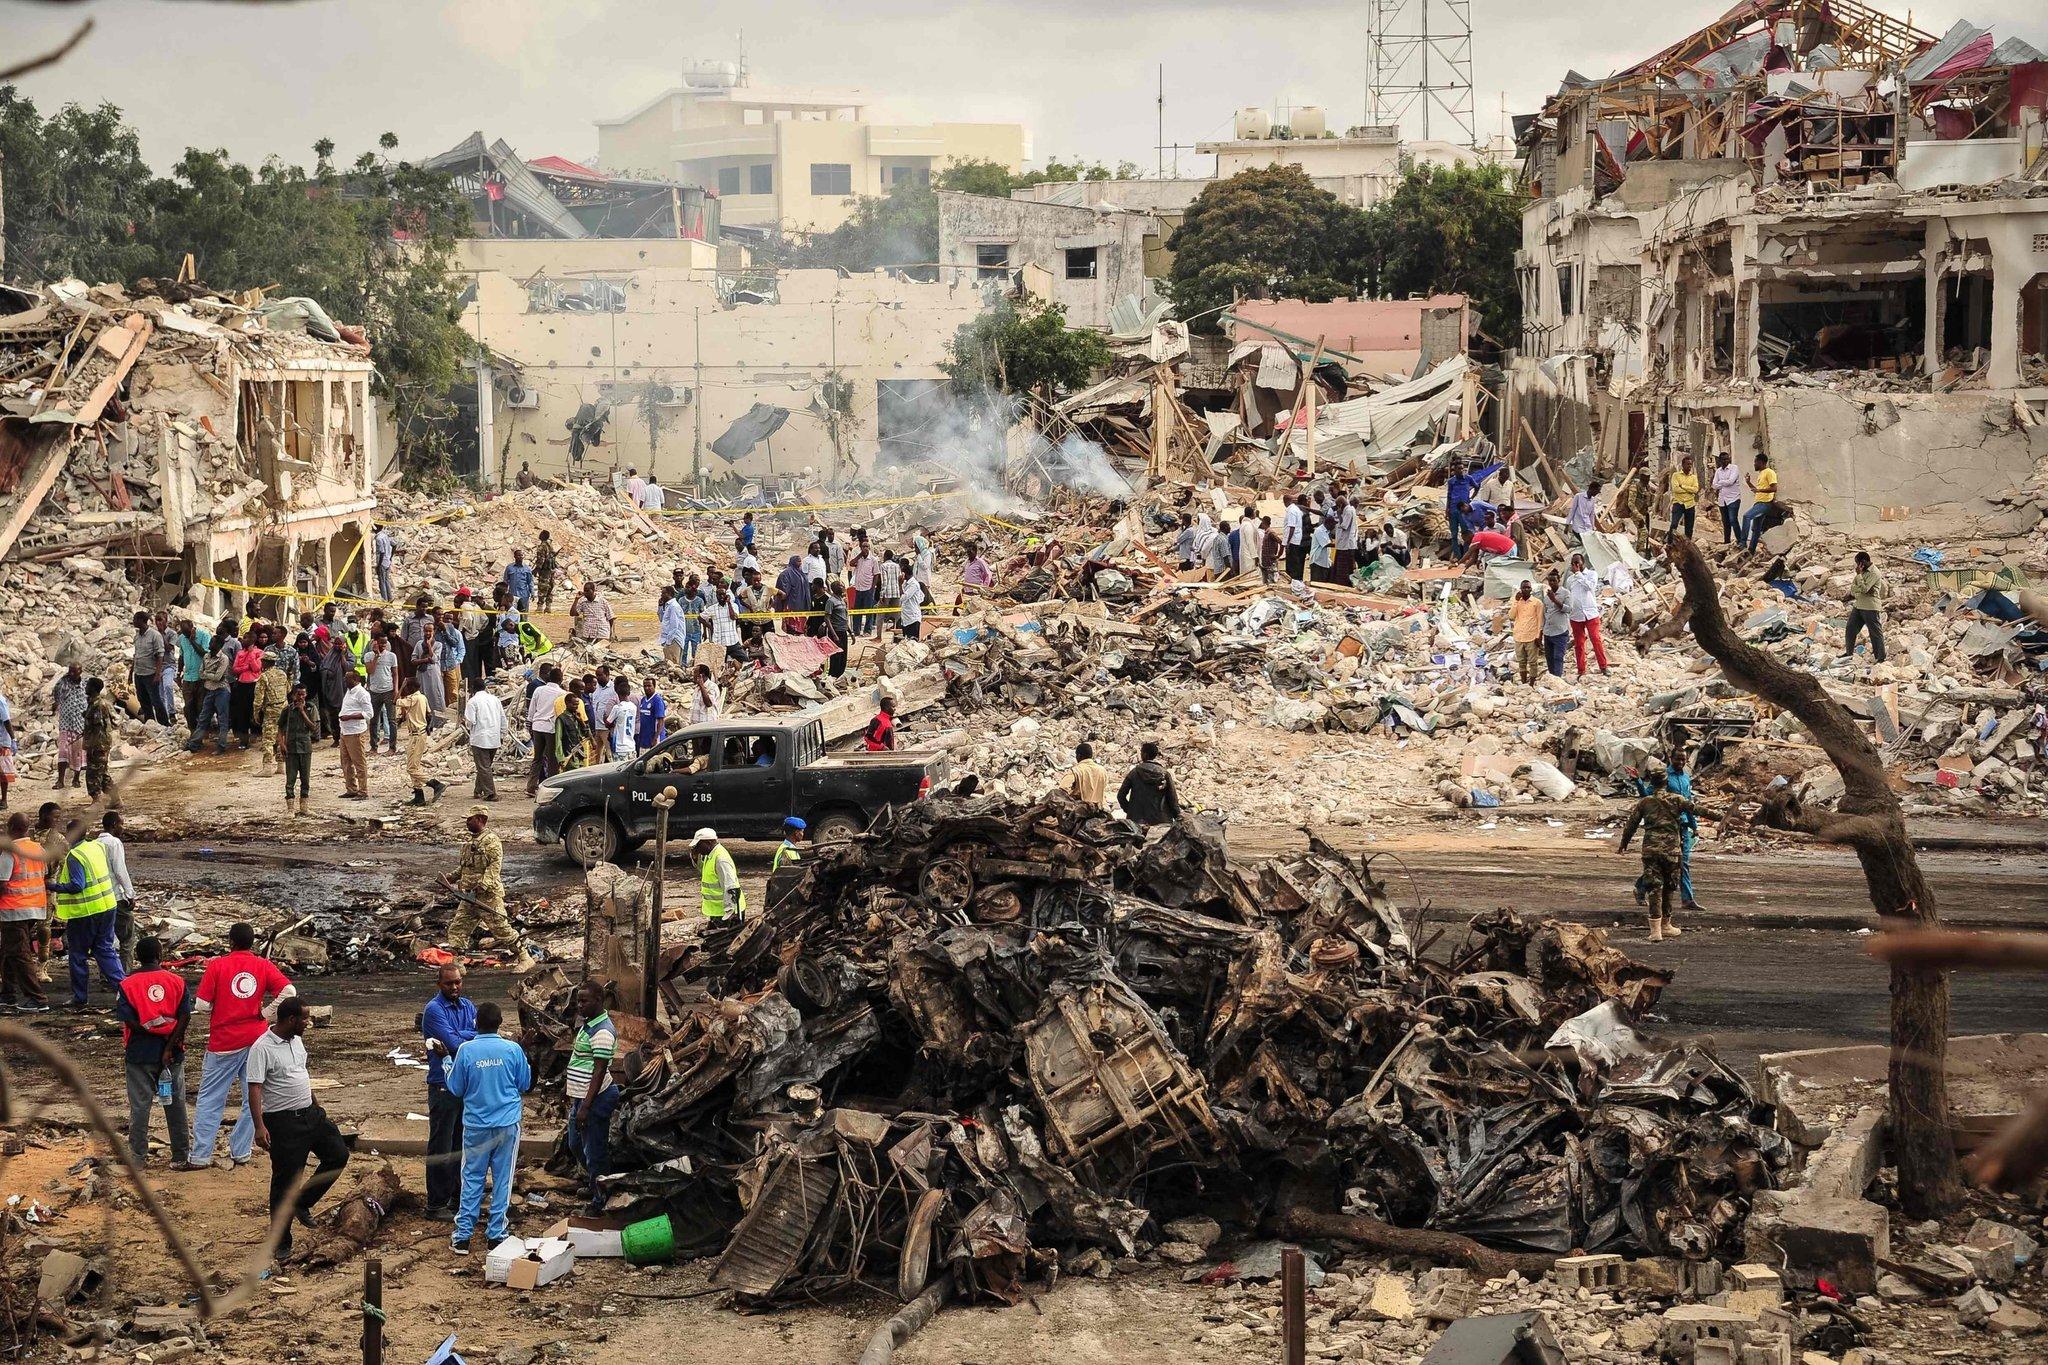 Tarihin en kanlı saldırısı: Somali'de ölü sayısı 300'ü aştı